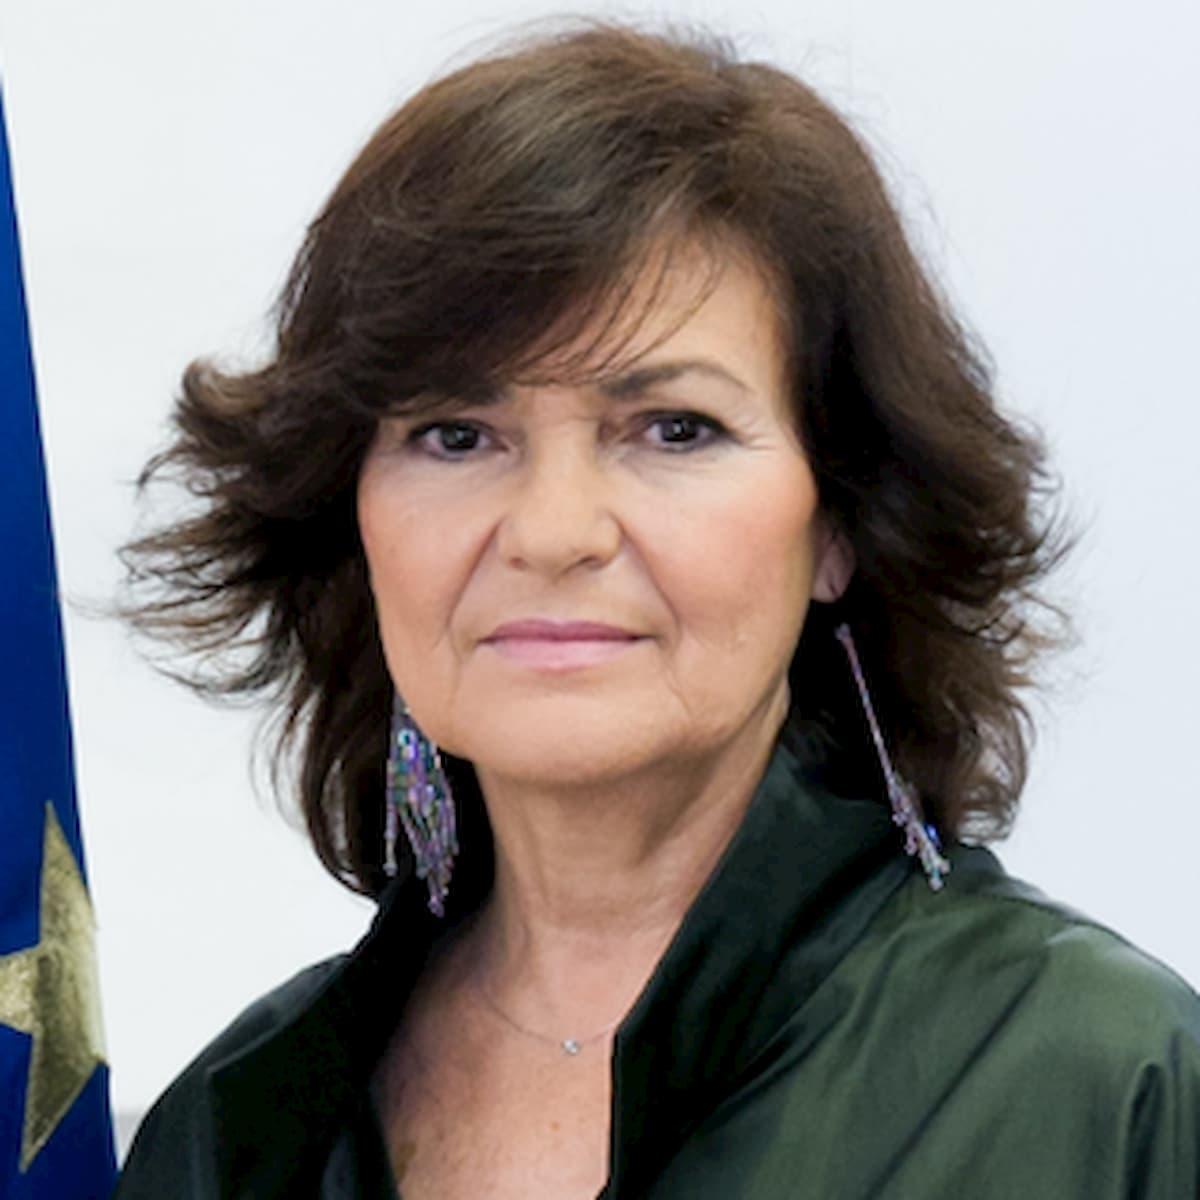 Coronavirus, in Spagna la vice premier Calvo ricoverata per crisi respiratoria: si attende l'esito del tampone